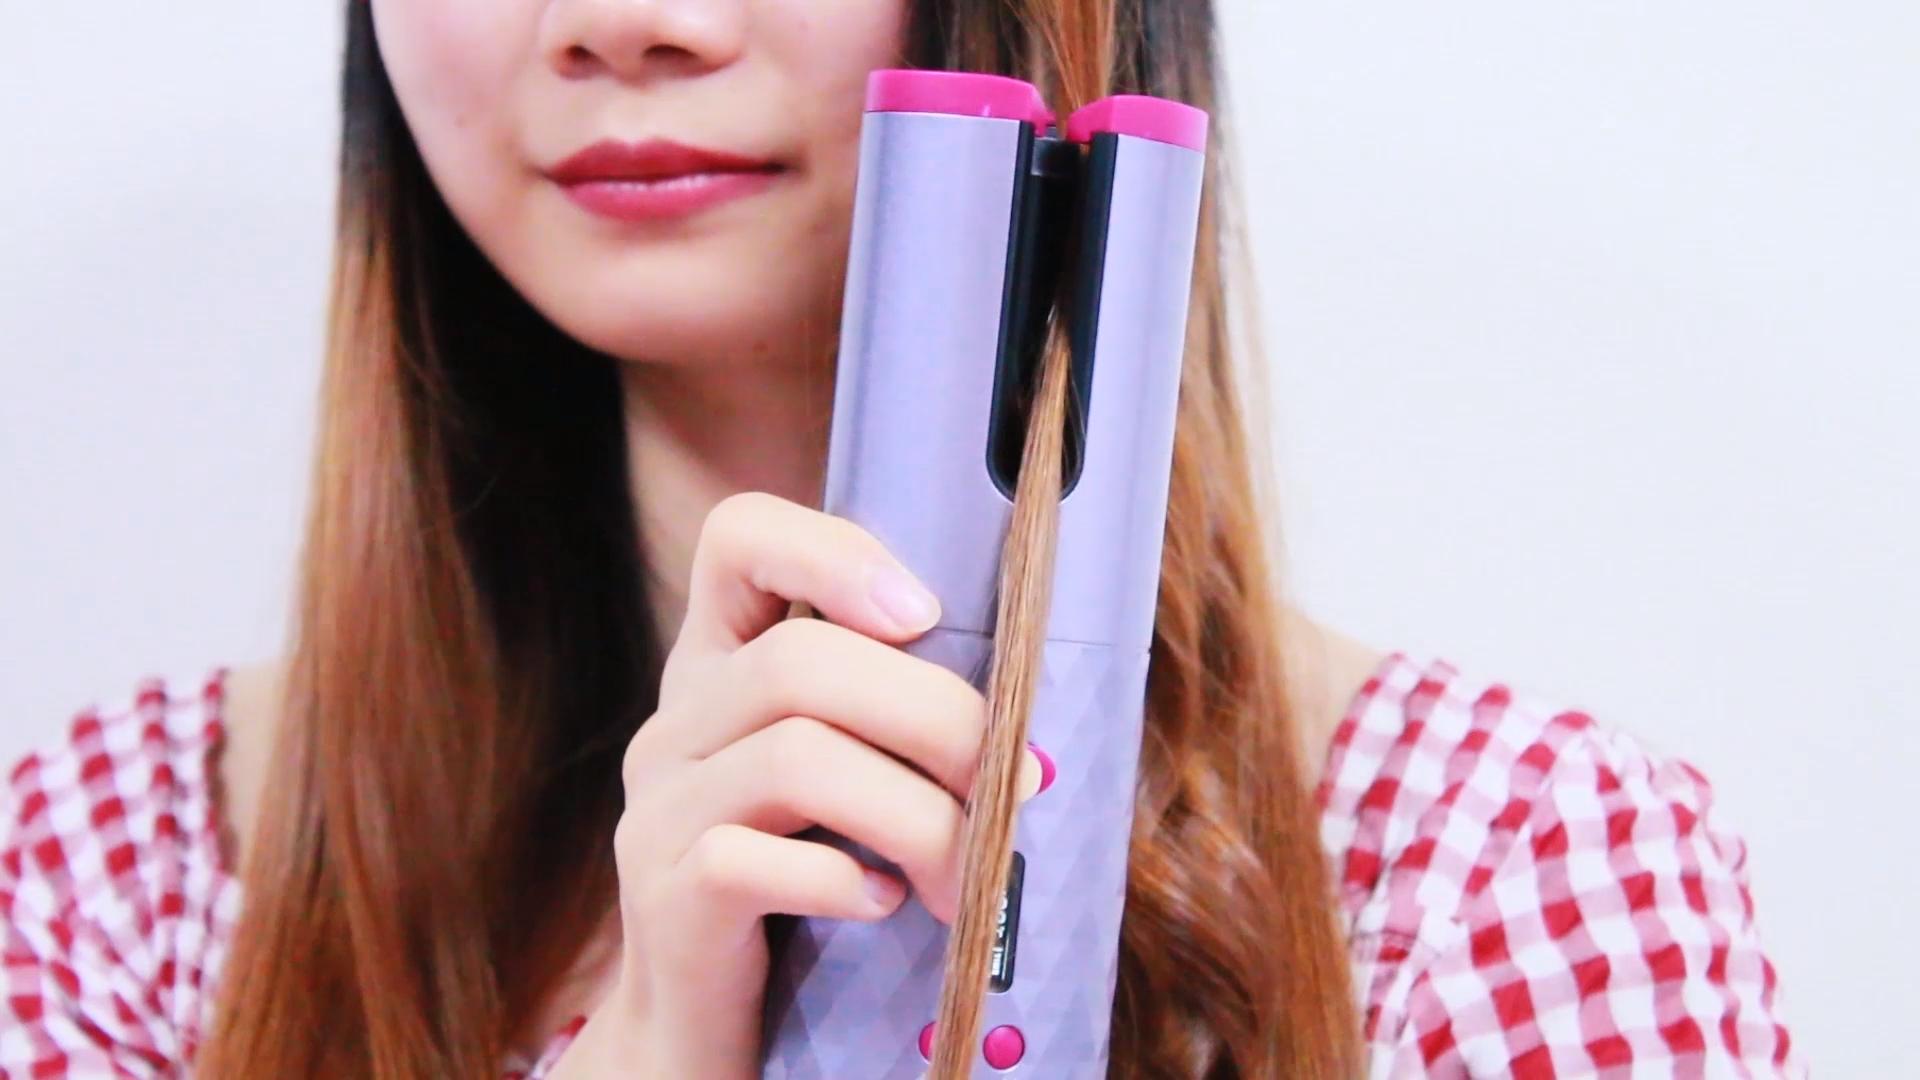 भाप स्प्रे बाल स्वचालित कर्लिंग लोहे एयर Curler सिरेमिक घूर्णन हवा कर्ल 1 इंच बाल कर्लिंग लोहे जादू बाल curler